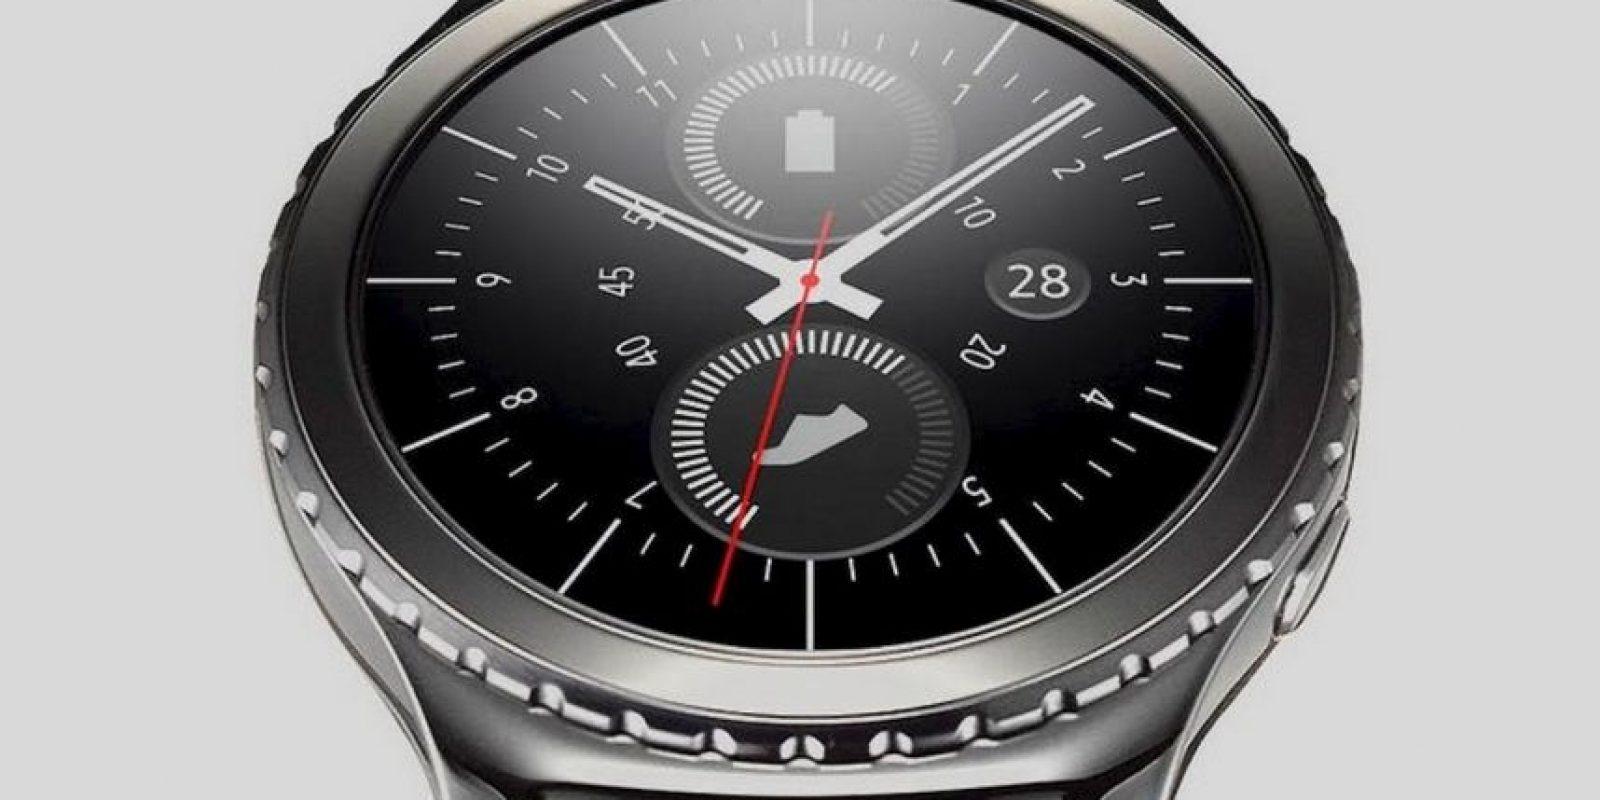 Tres modelos a elegir: Gear S2, S2 Clásico y S2 3G Foto:Samsung